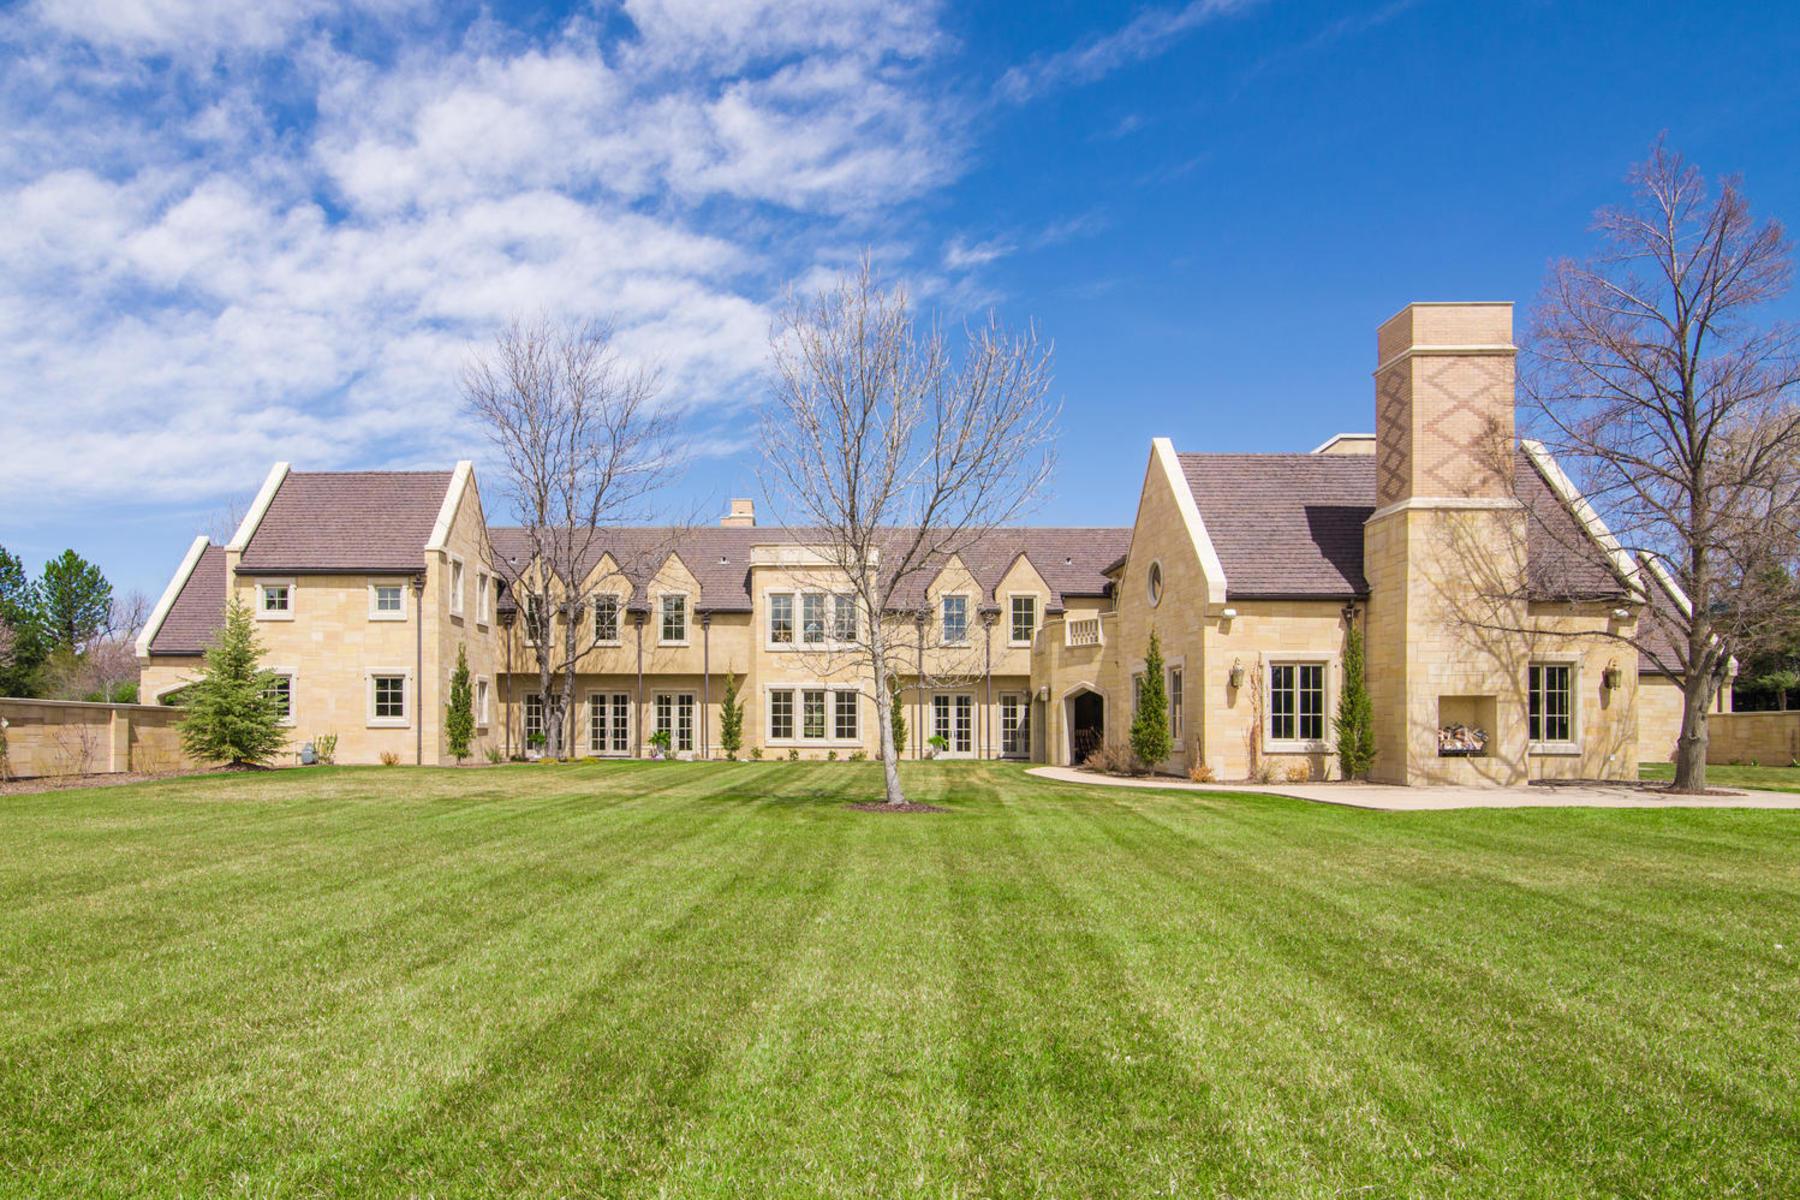 Property por un Venta en This English manor home is nestled on 2.5 serene acres in Cherry Hills Village. 1 Tenaya Ln Cherry Hills Village, Colorado 80113 Estados Unidos